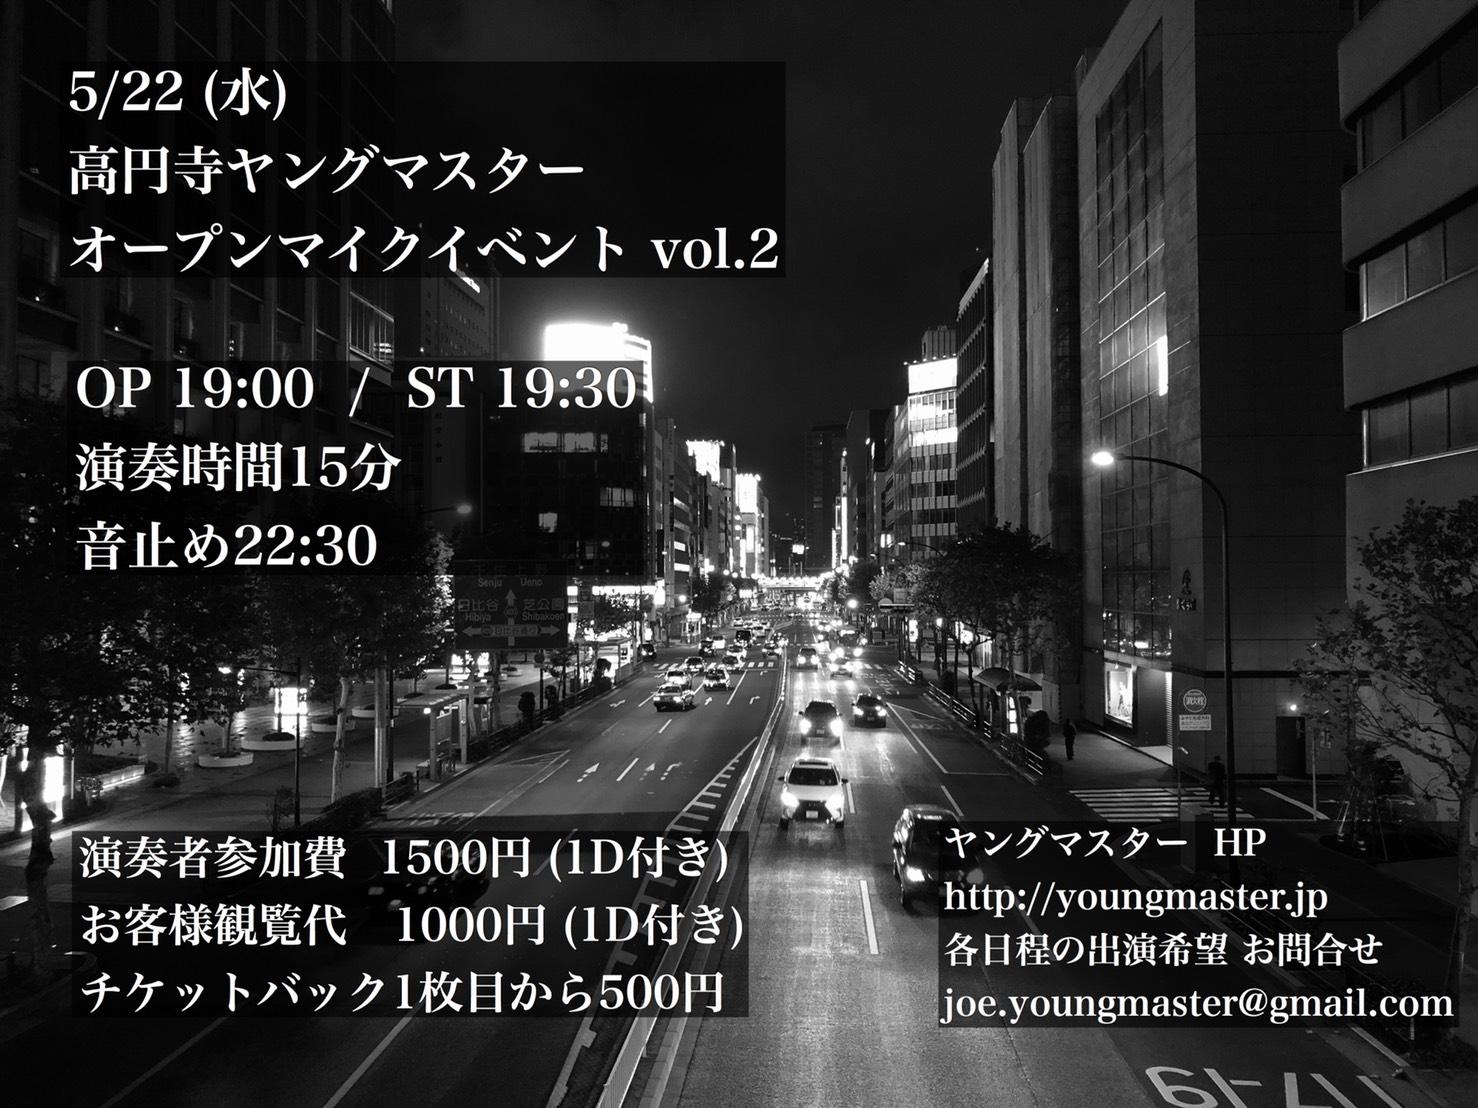 5/22 (水)高円寺ヤングマスター オープンマイクイベントvol.2